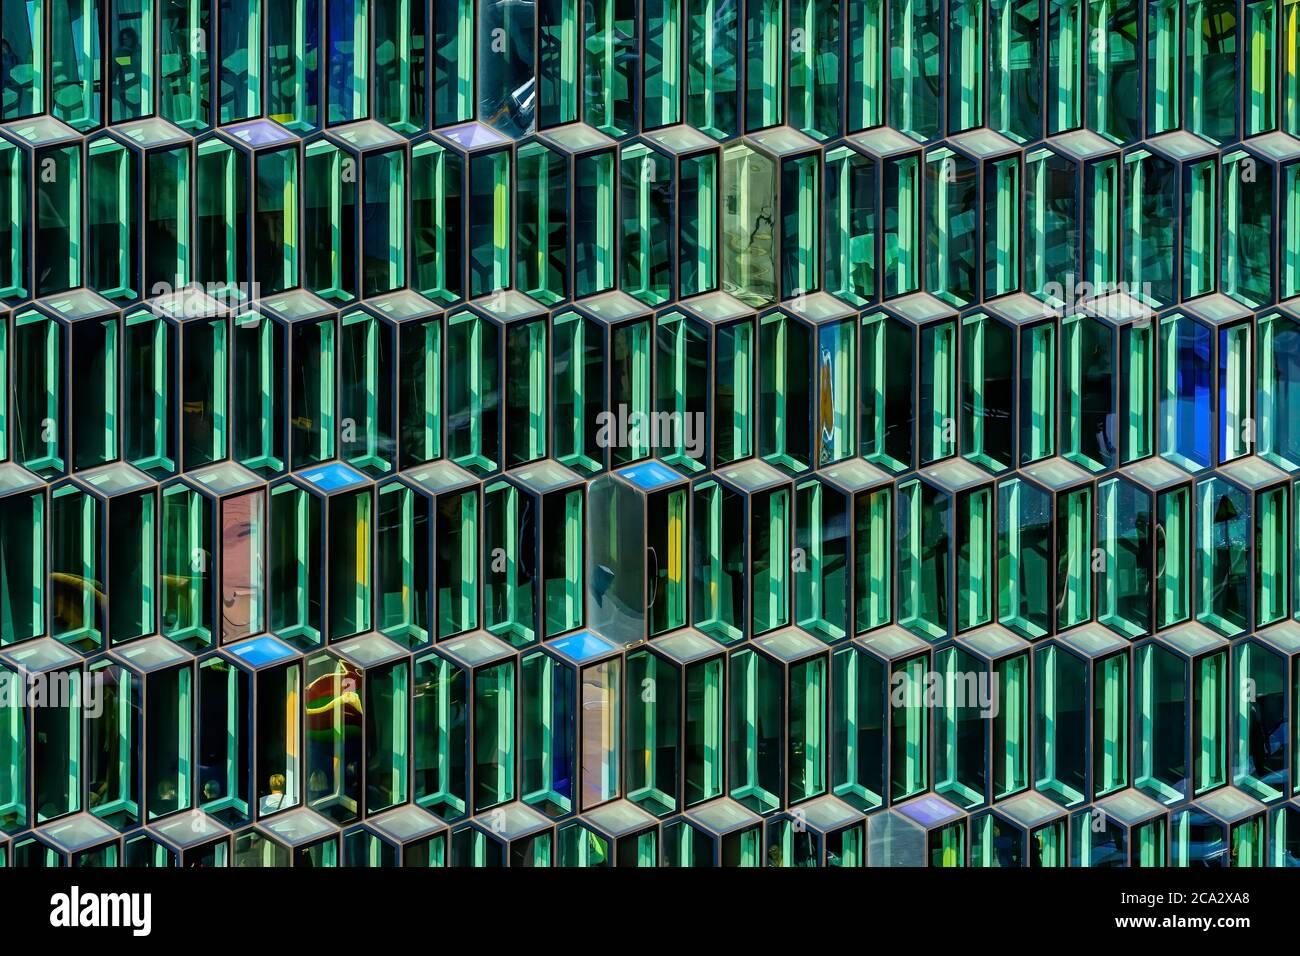 Modern Glass Abstrakt Hintergrund Konzerthalle Reykjavik Island. 2011 aus Modernen, Geometrisch Geformten Glasplatten konstruiert. Stockfoto